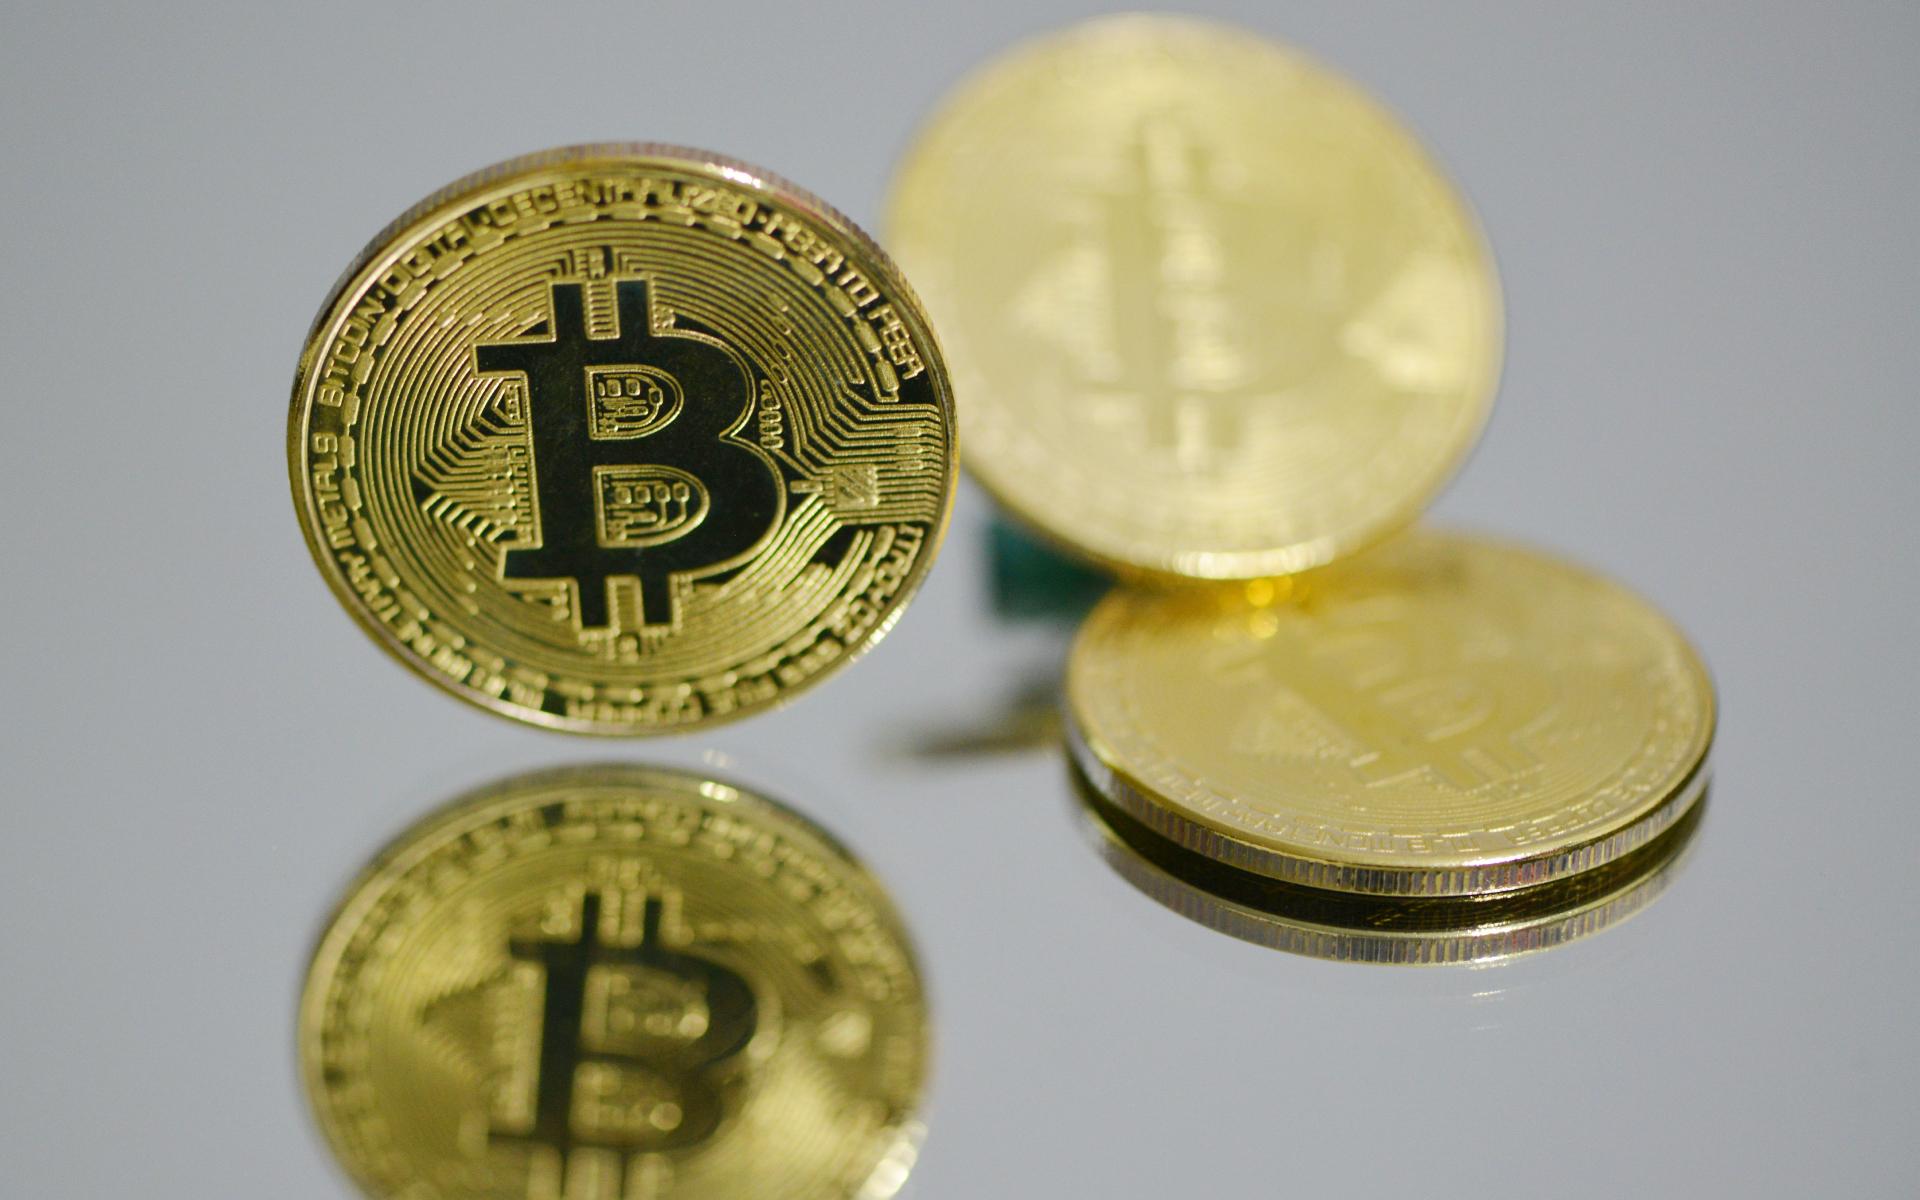 В настоящее время покупка недвижимости за криптовалюту разрешена лишь в нескольких странах, среди которых США, Индонезия, Сингапур и Швейцария